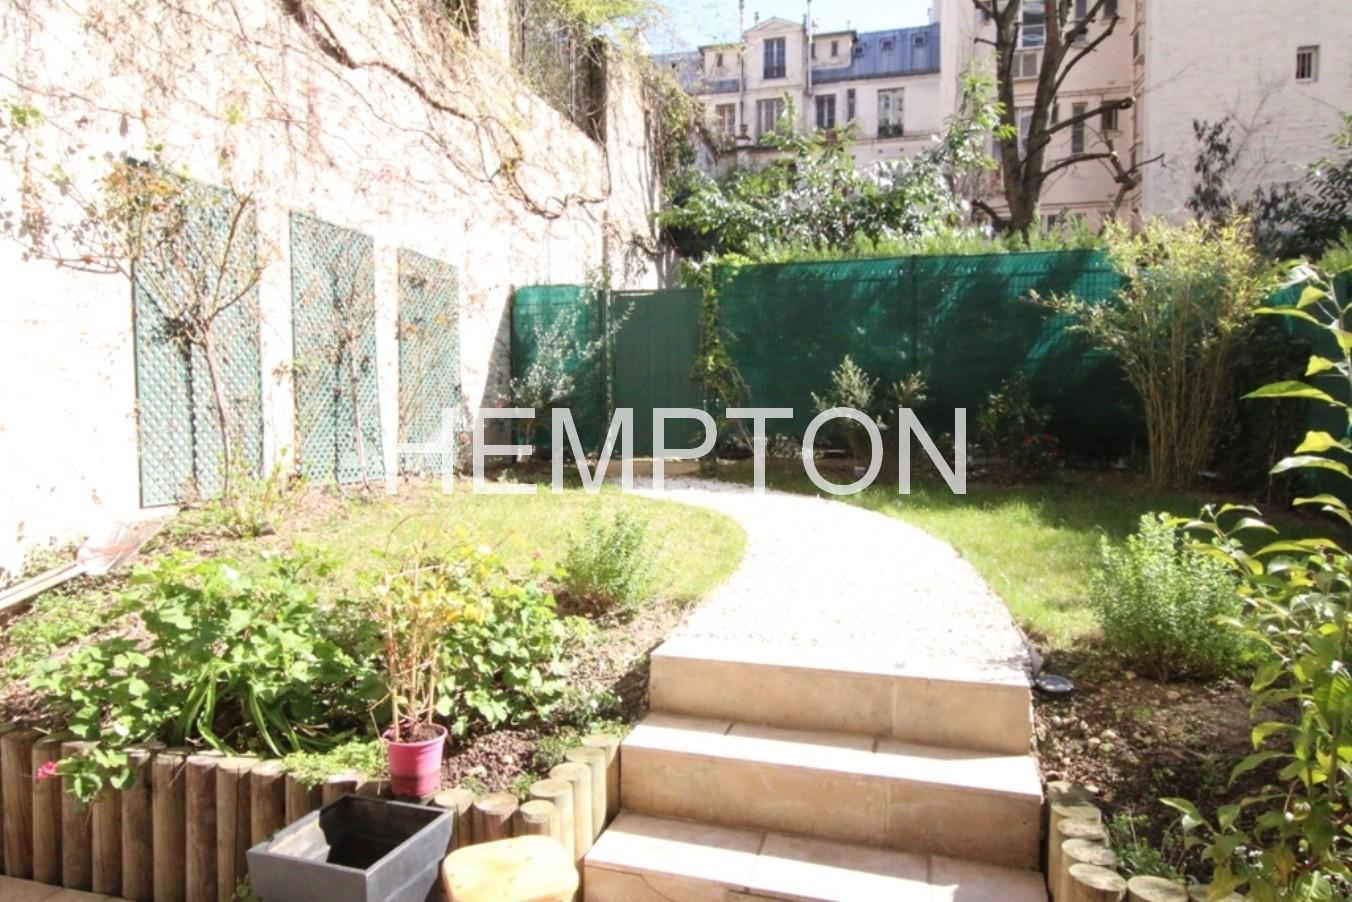 R sultat de votre recherche avec hempton paris trocadero for Jardin 16eme